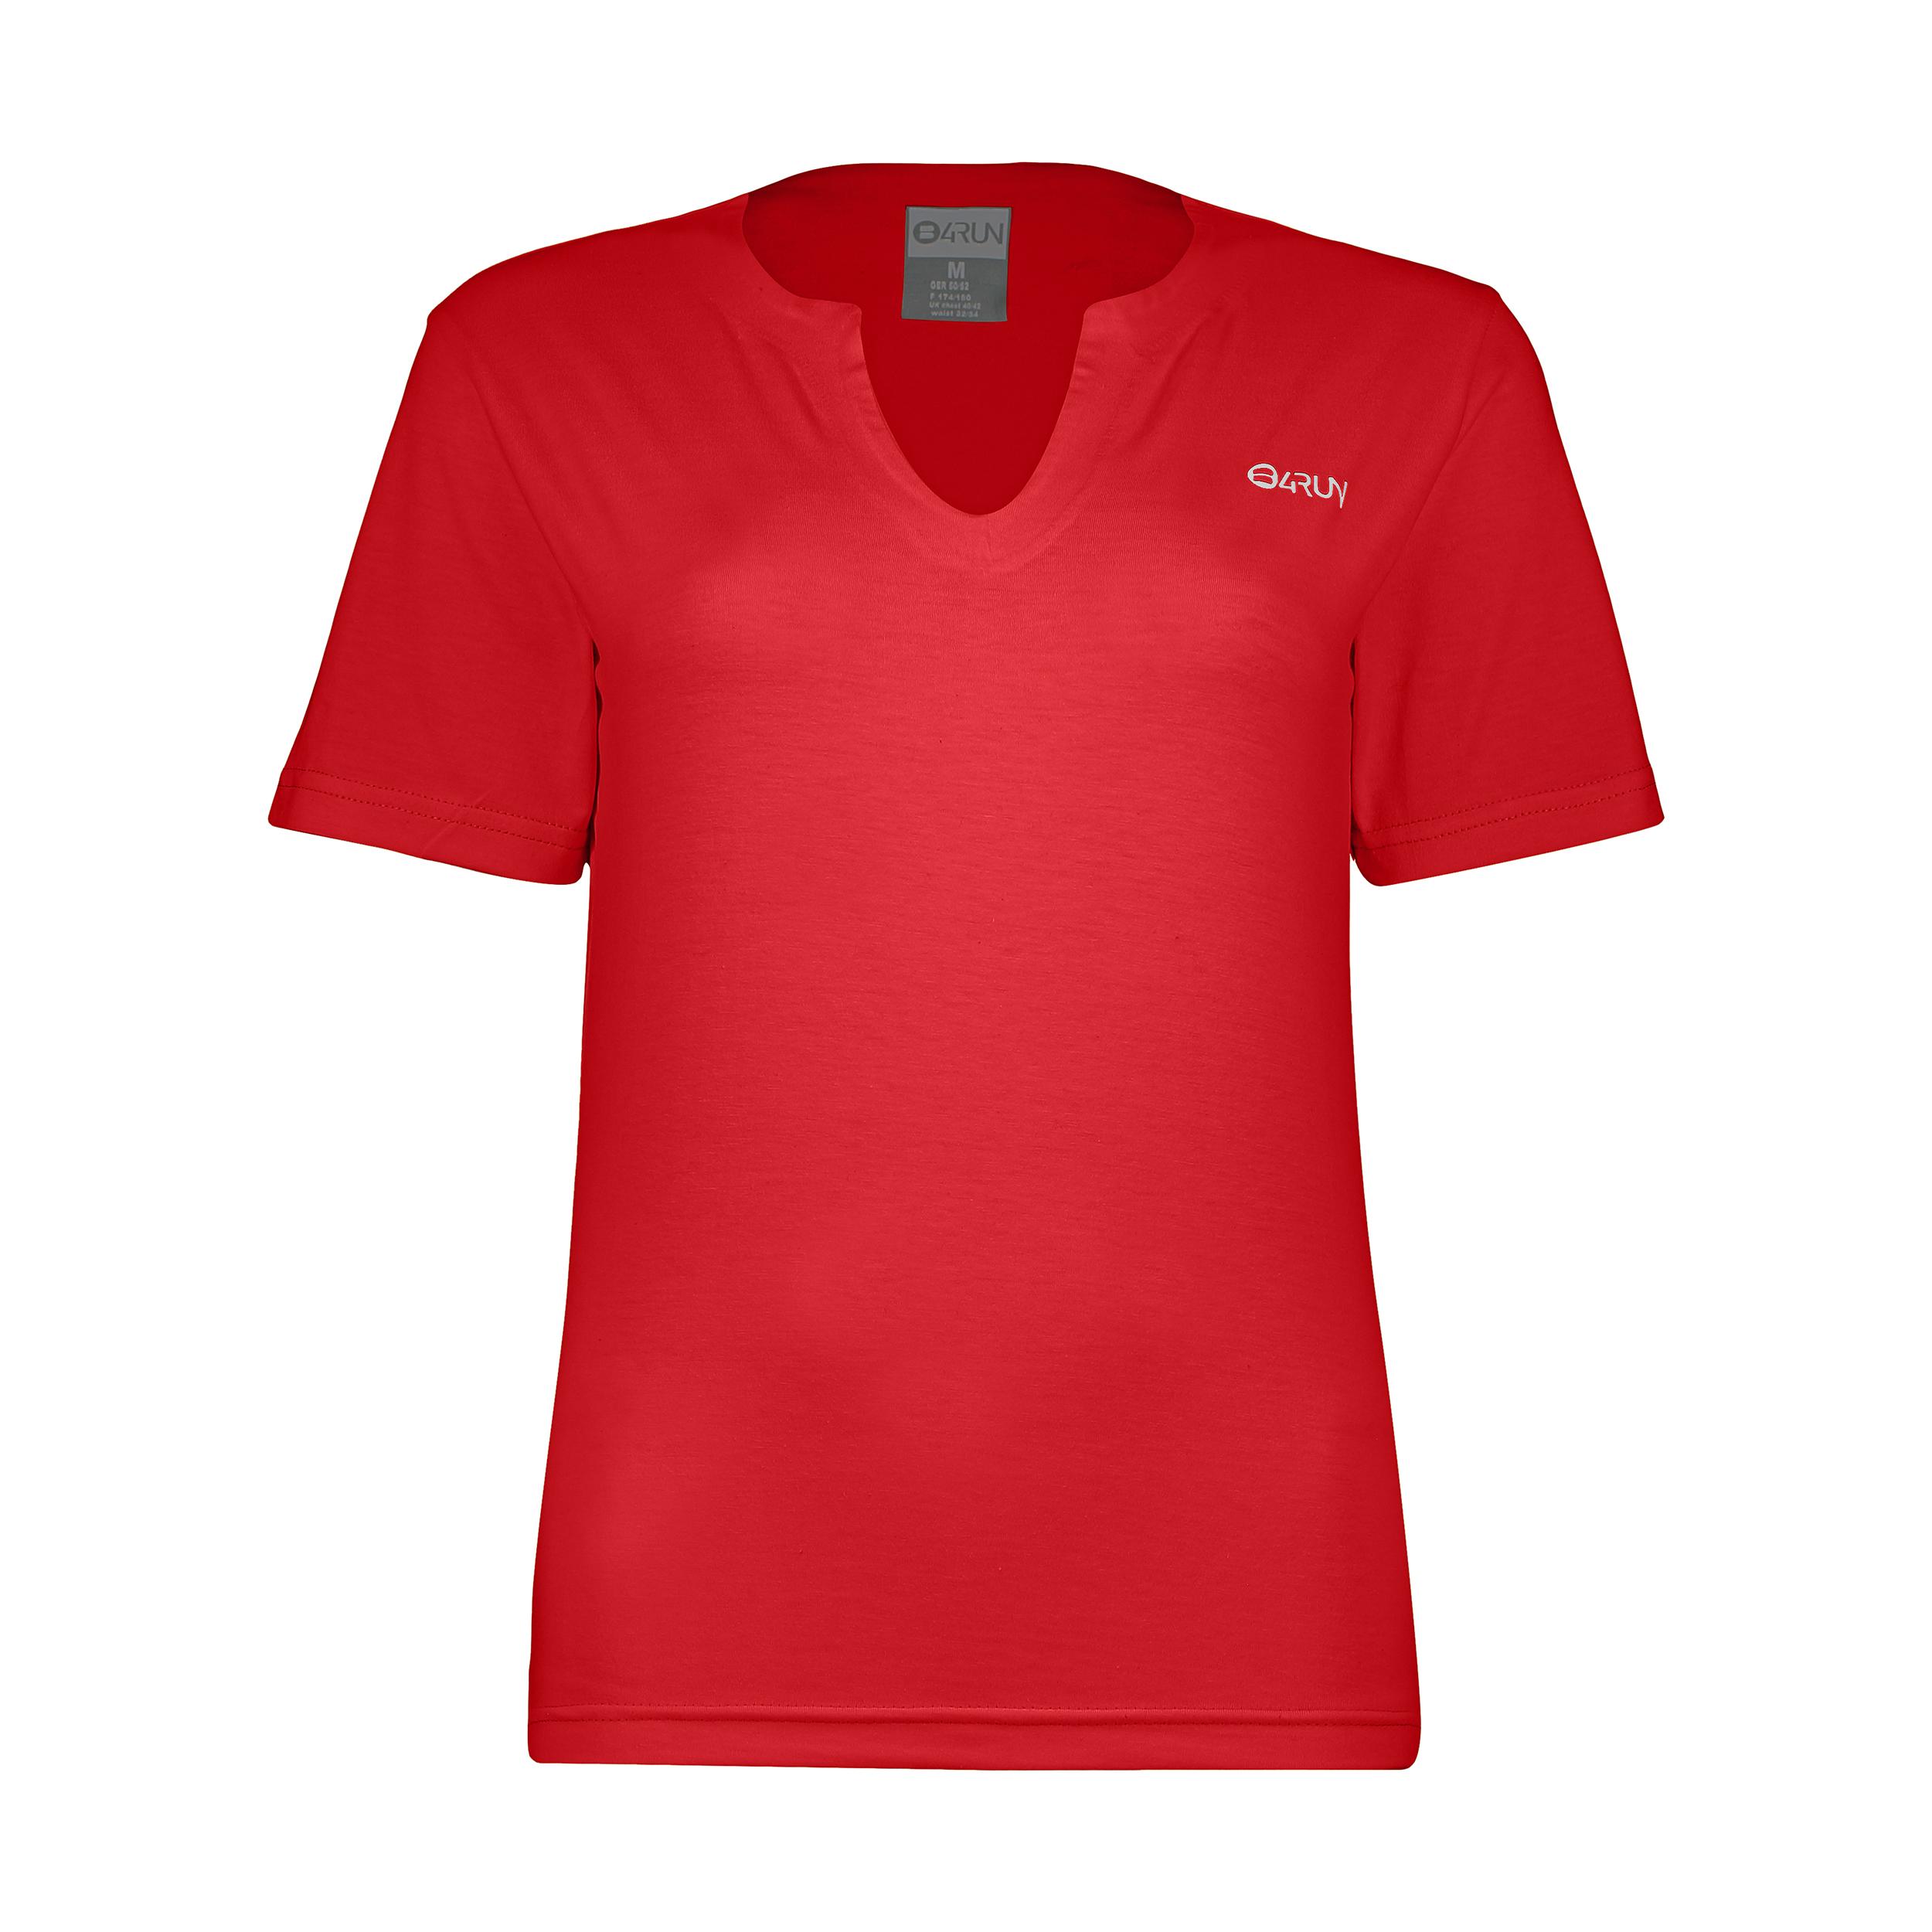 تی شرت ورزشی زنانه بی فور ران مدل 210324-72